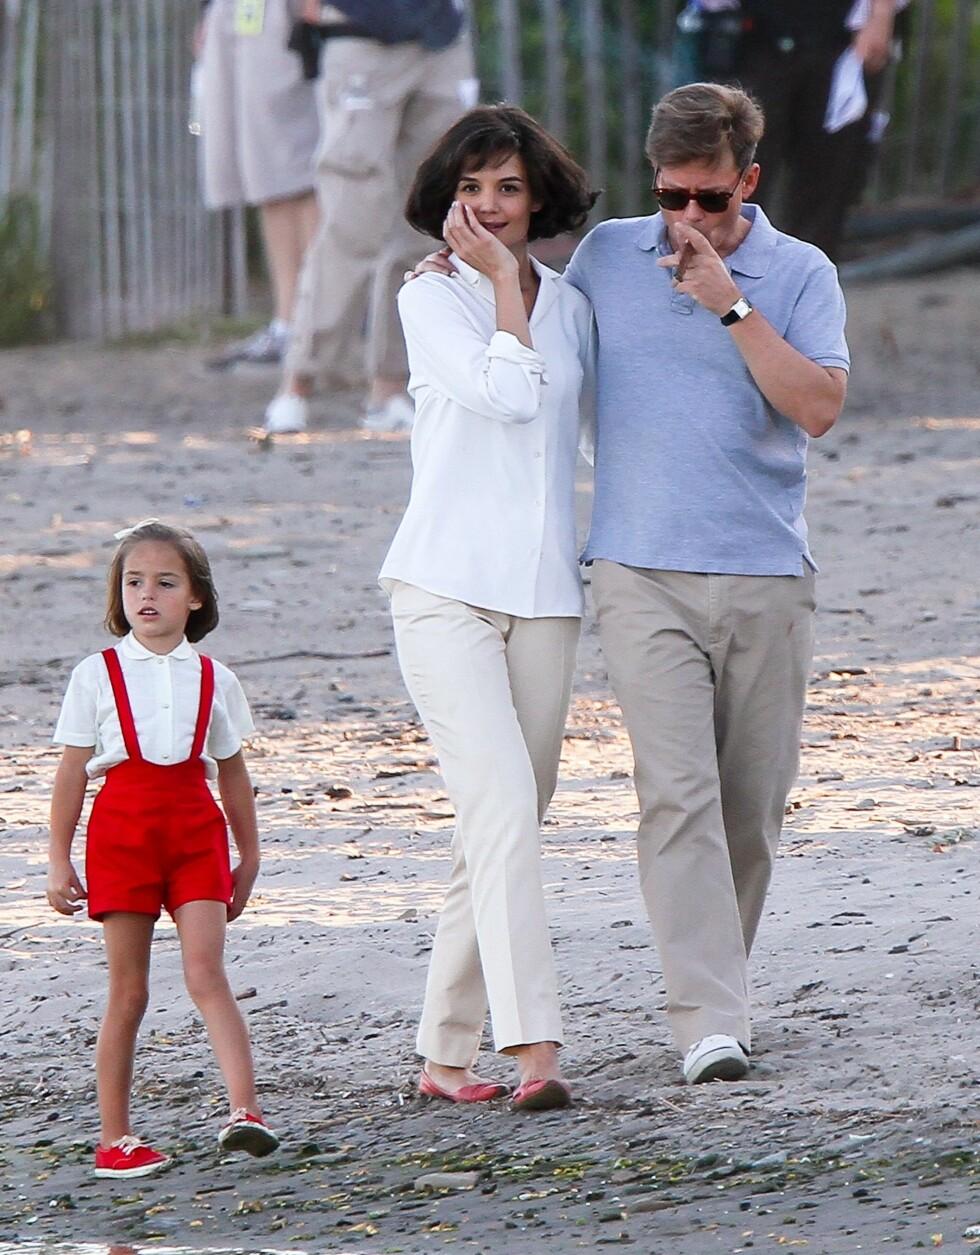 FASJONABELT PAR: Jacky og John på stranden sammen med datteren. Legg merke til Jackies sofistikerte og lekre hverdagsantrekk. Noen ganger er en velfrisert bob, bluse, bukse og ballerinasko alt du trenger! Greg Kinnear spiller John Kennedy. Foto: All Over Press